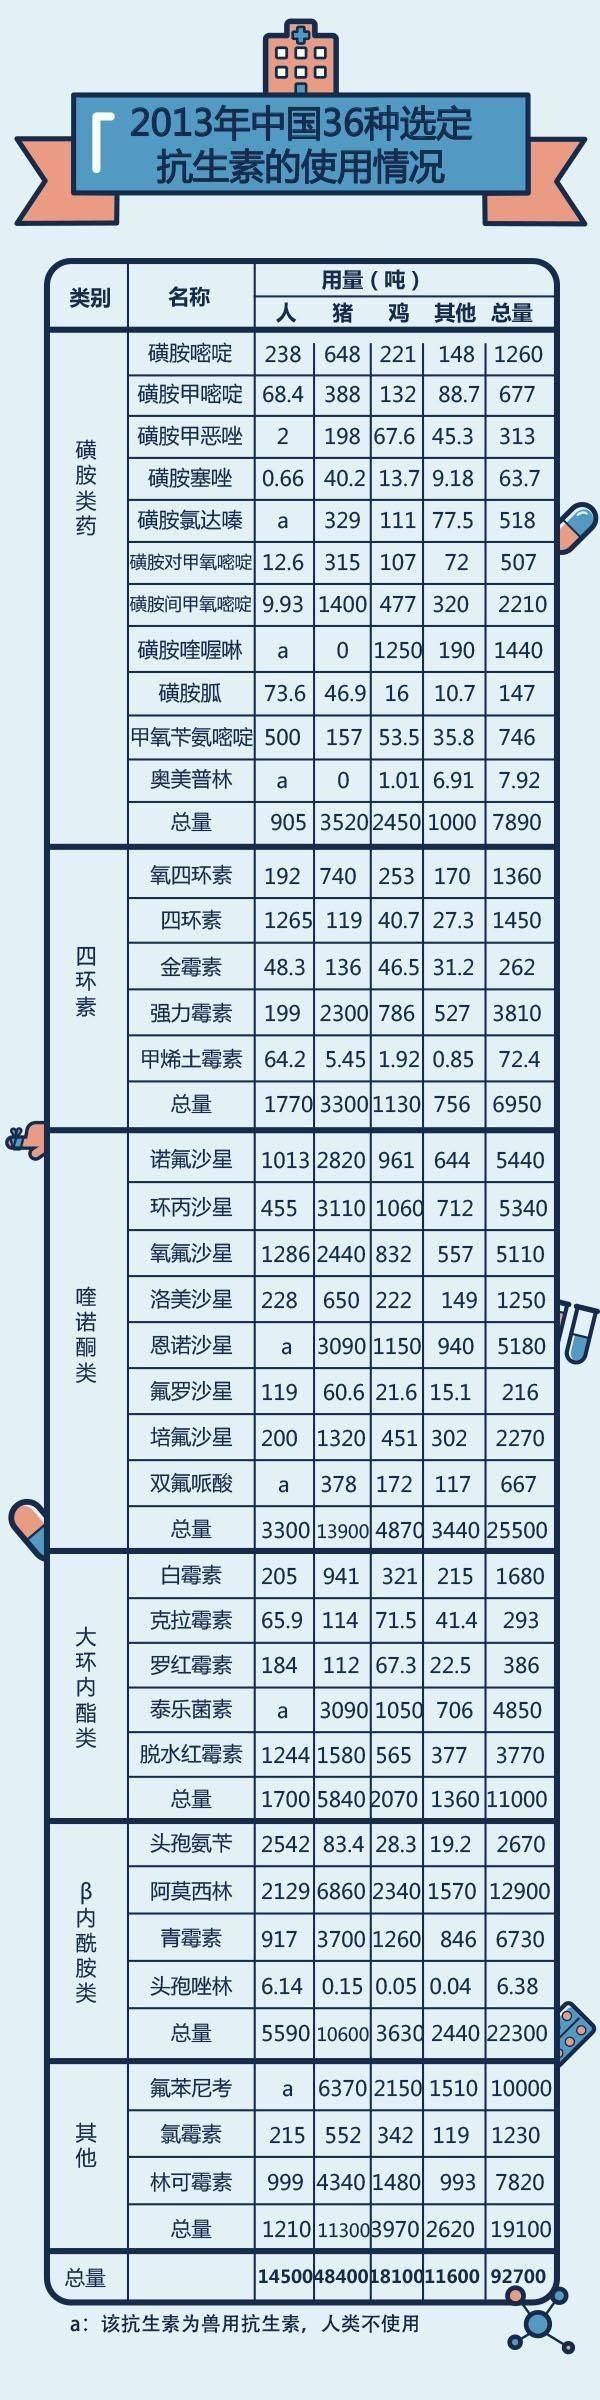 震惊!中国抗生素十年调查报告:恶性循环危及国人 - R站 学习使我快乐! - 2